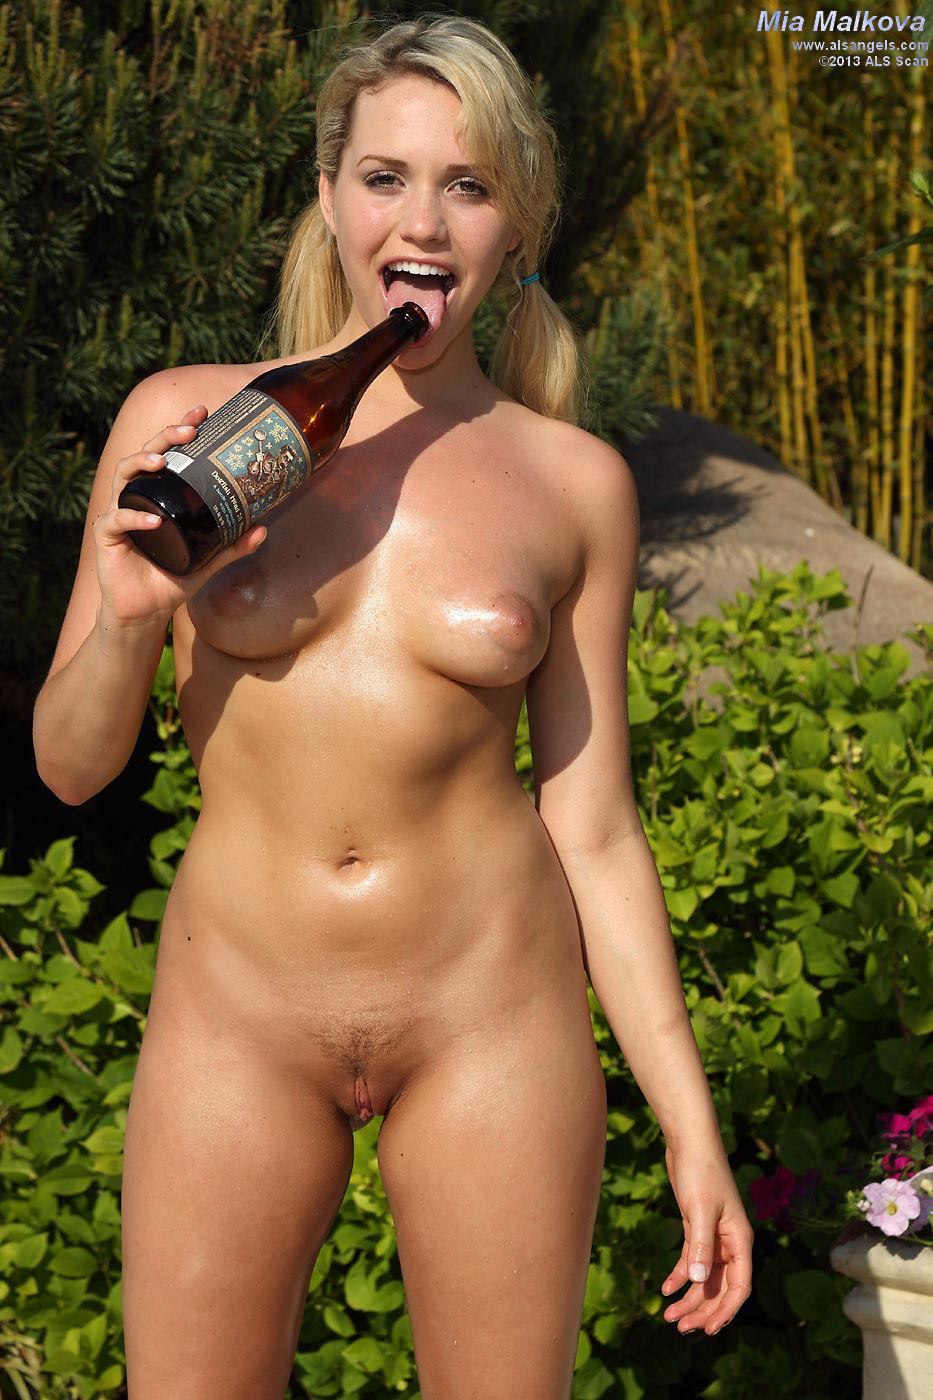 Mia Malkova - Бутылки - Галерея № 3350747